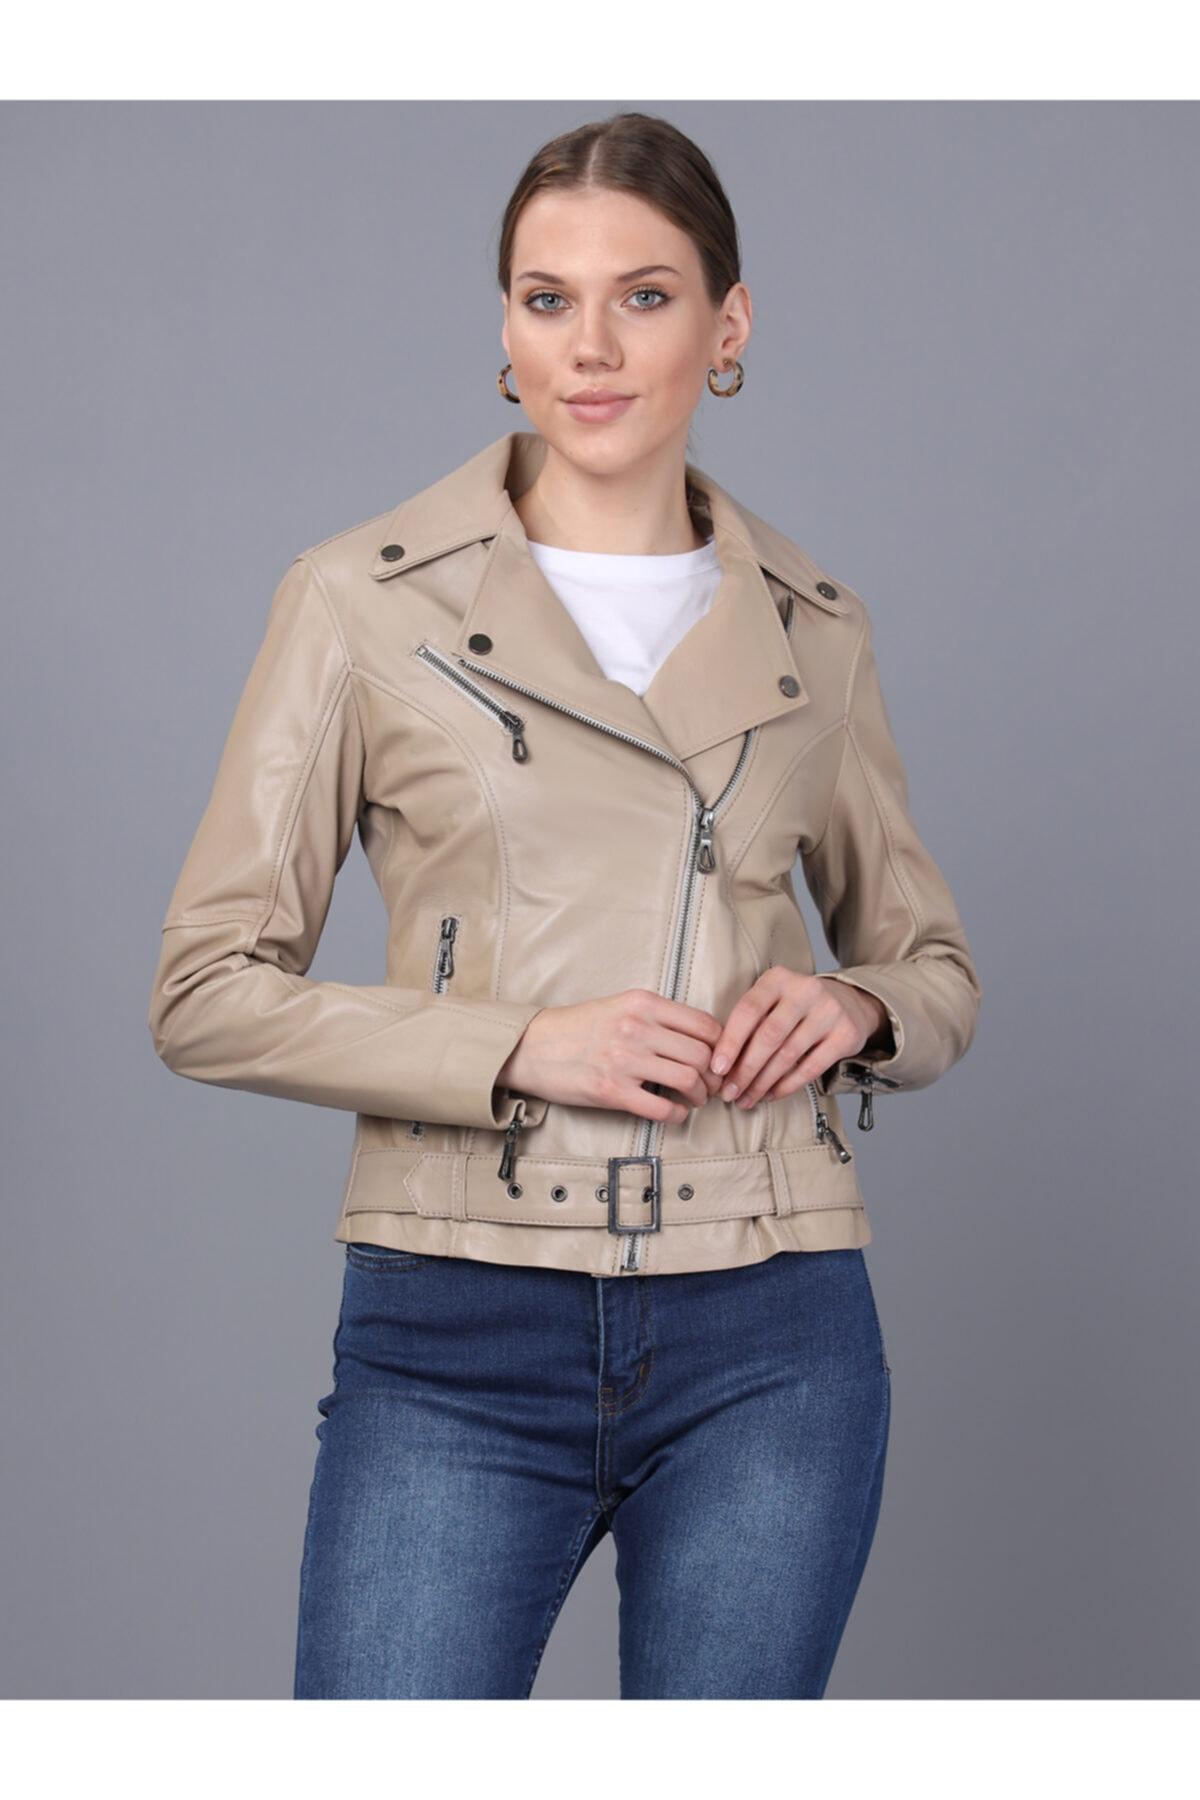 Basics&More Kadın Bej Deri Ceket 1